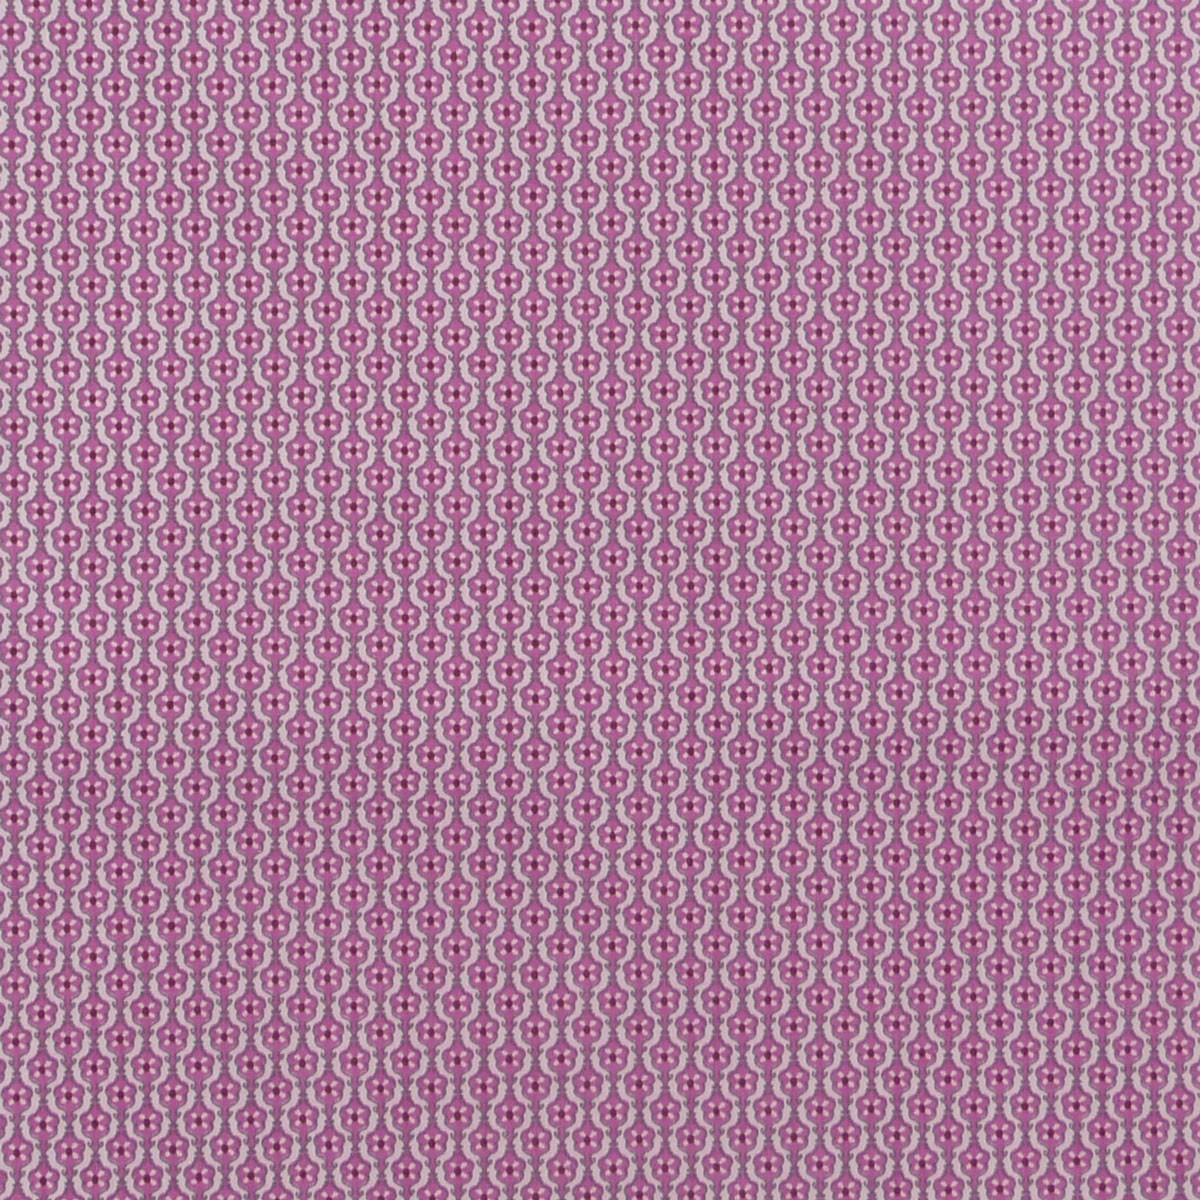 hilco baumwollstoff meterware serie hilde blumenschlange beere stoffe zubeh r stoffe stoffe. Black Bedroom Furniture Sets. Home Design Ideas